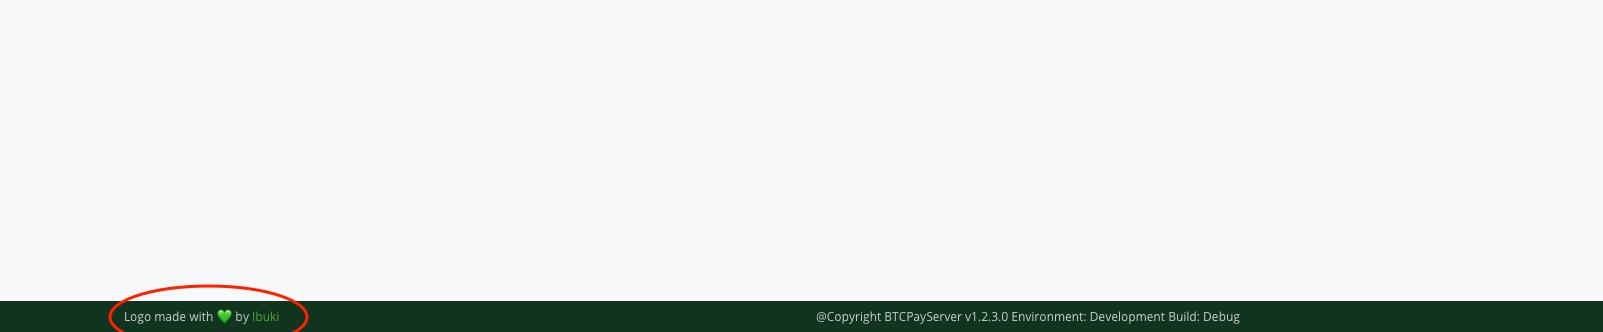 Screenshot 2021-09-15 at 18 26 27